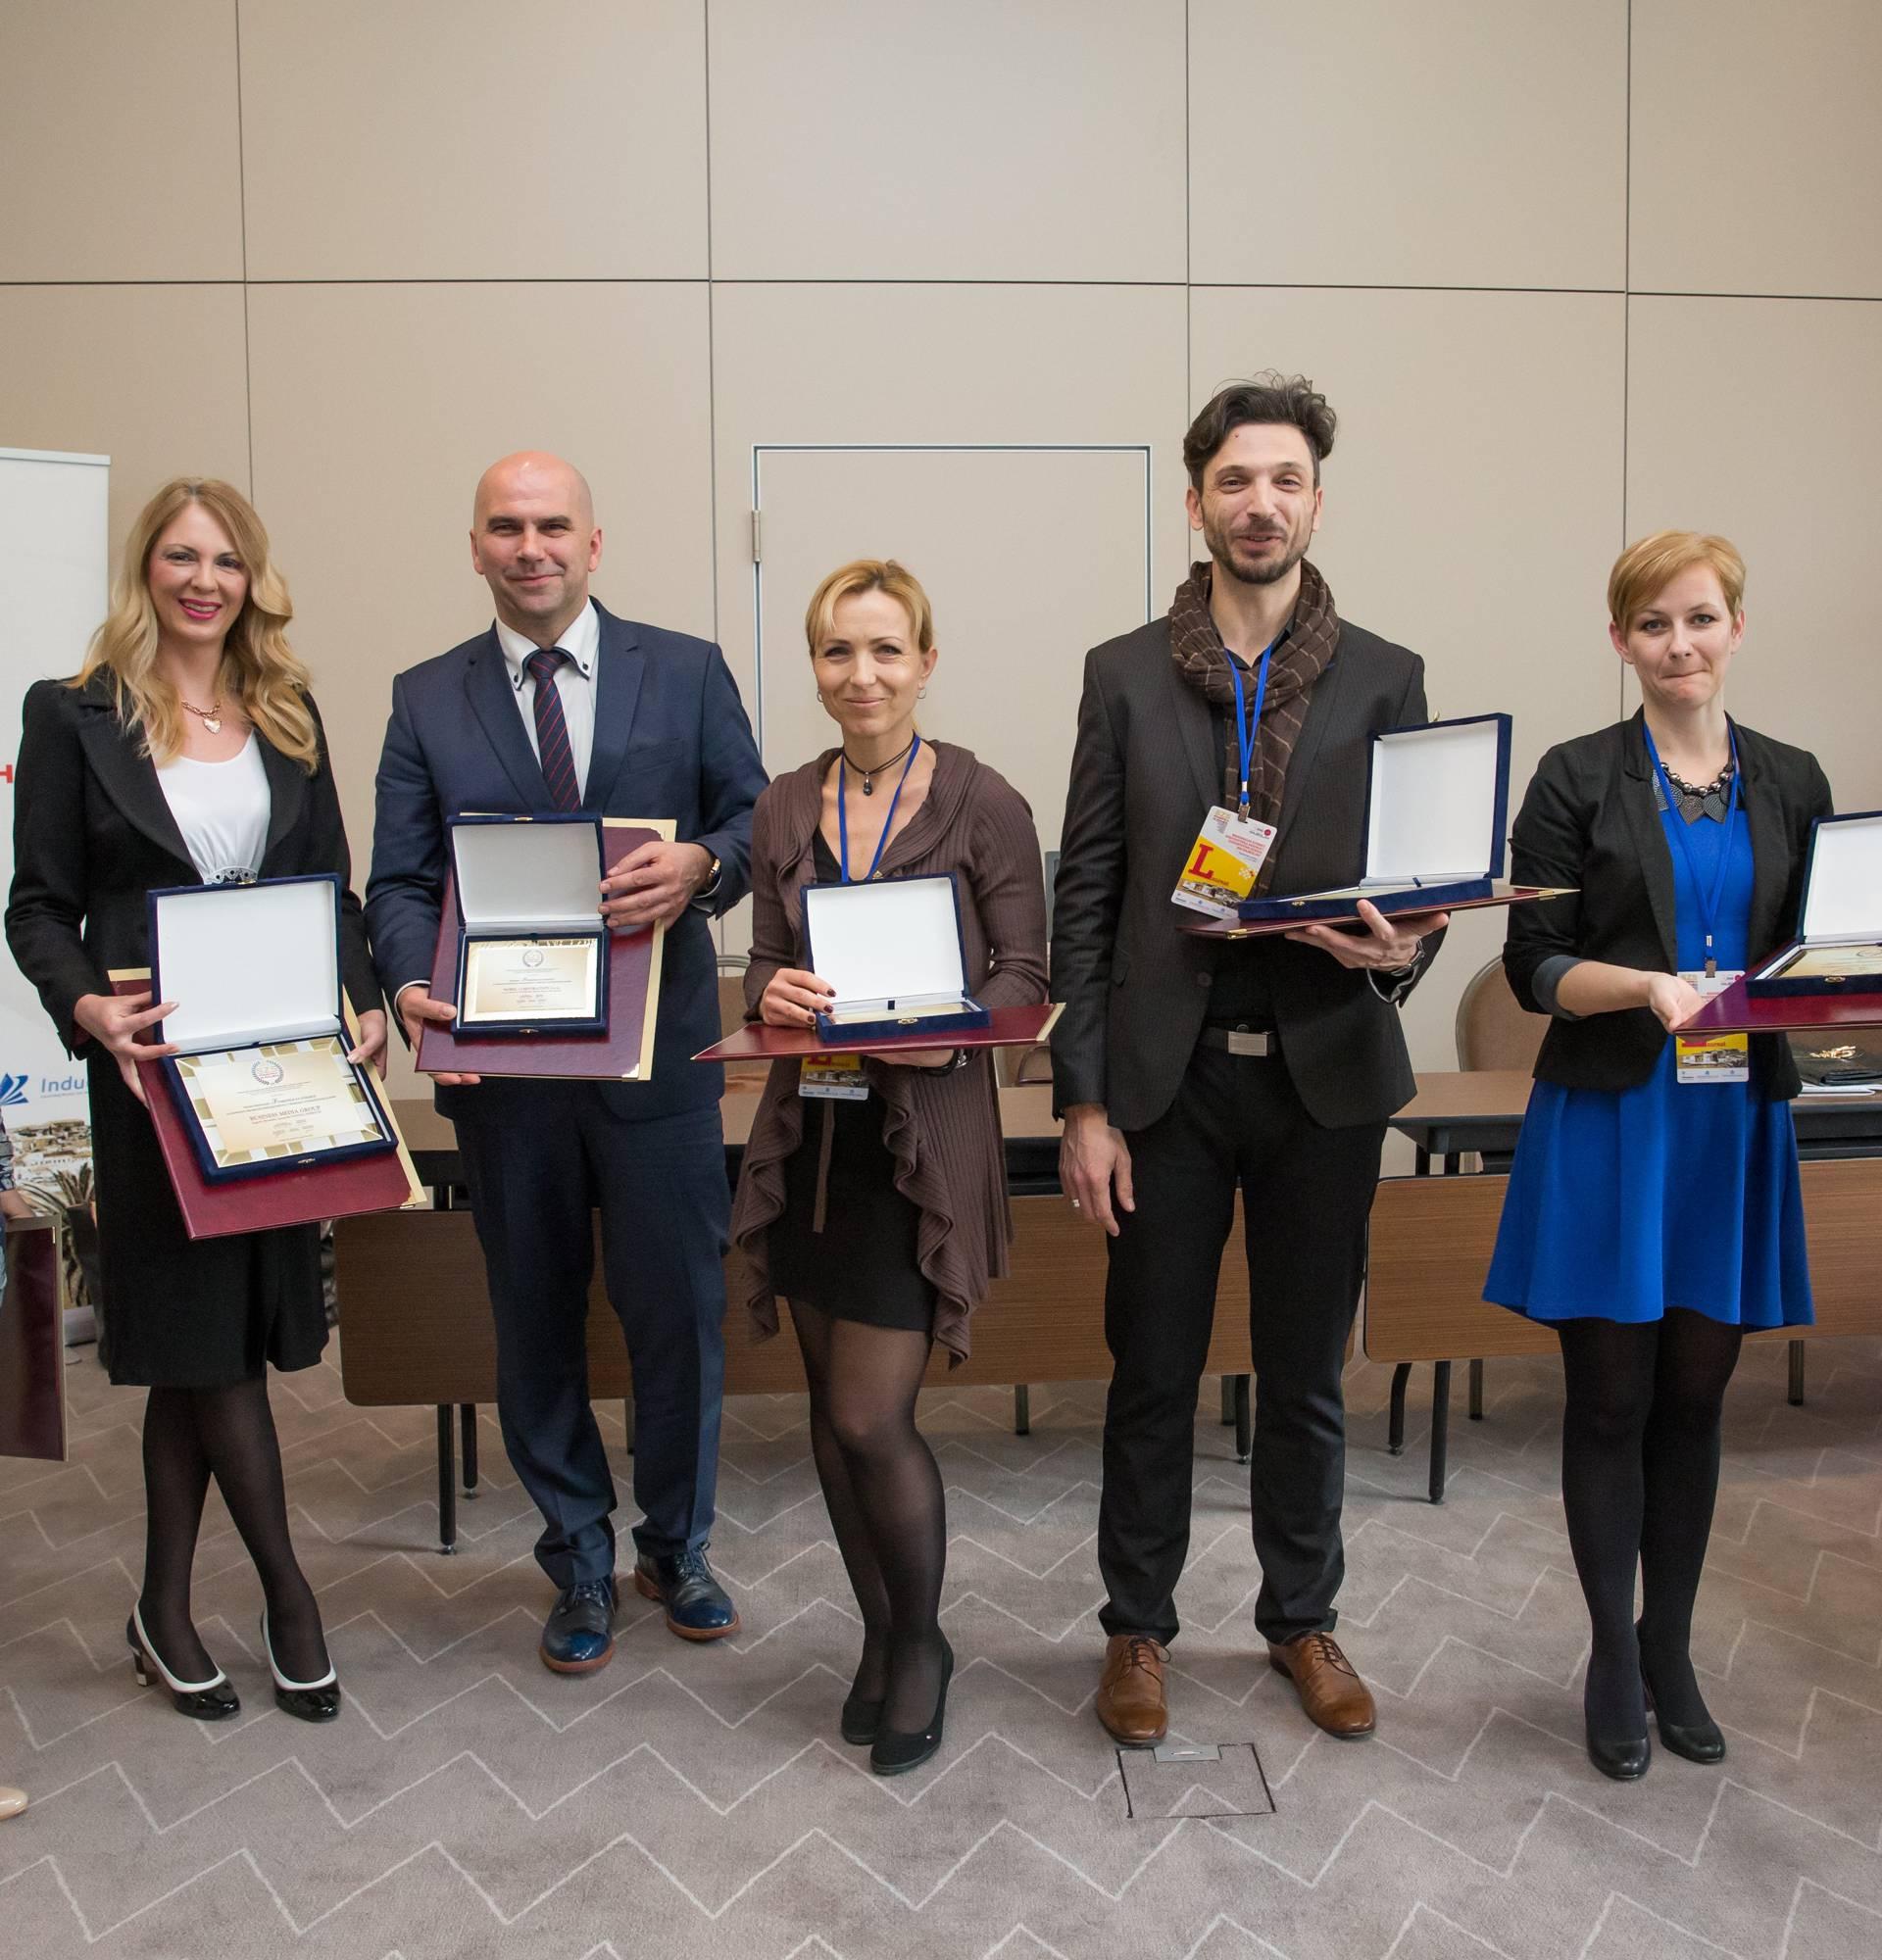 Projekt Poslovnog dnevnika dobio je prestižnu nagradu